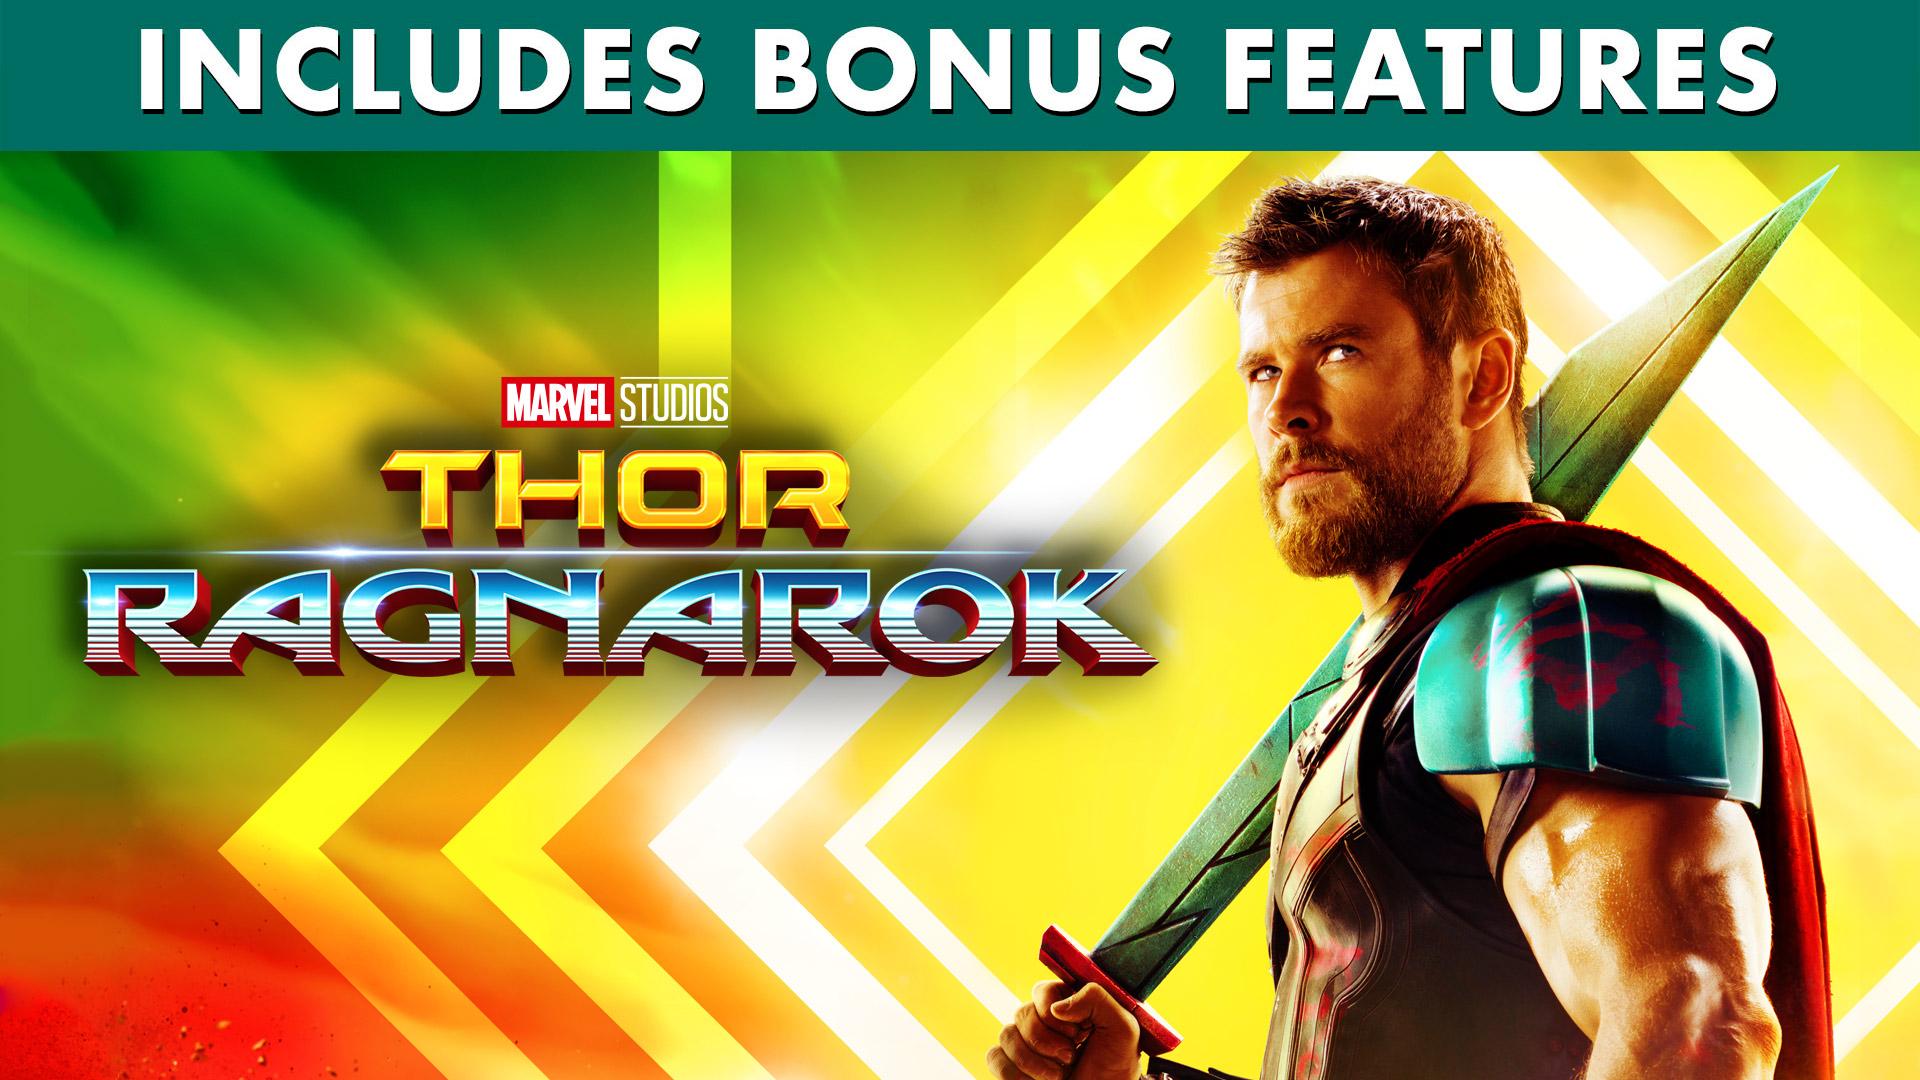 Thor: Ragnarok (With Bonus Content)